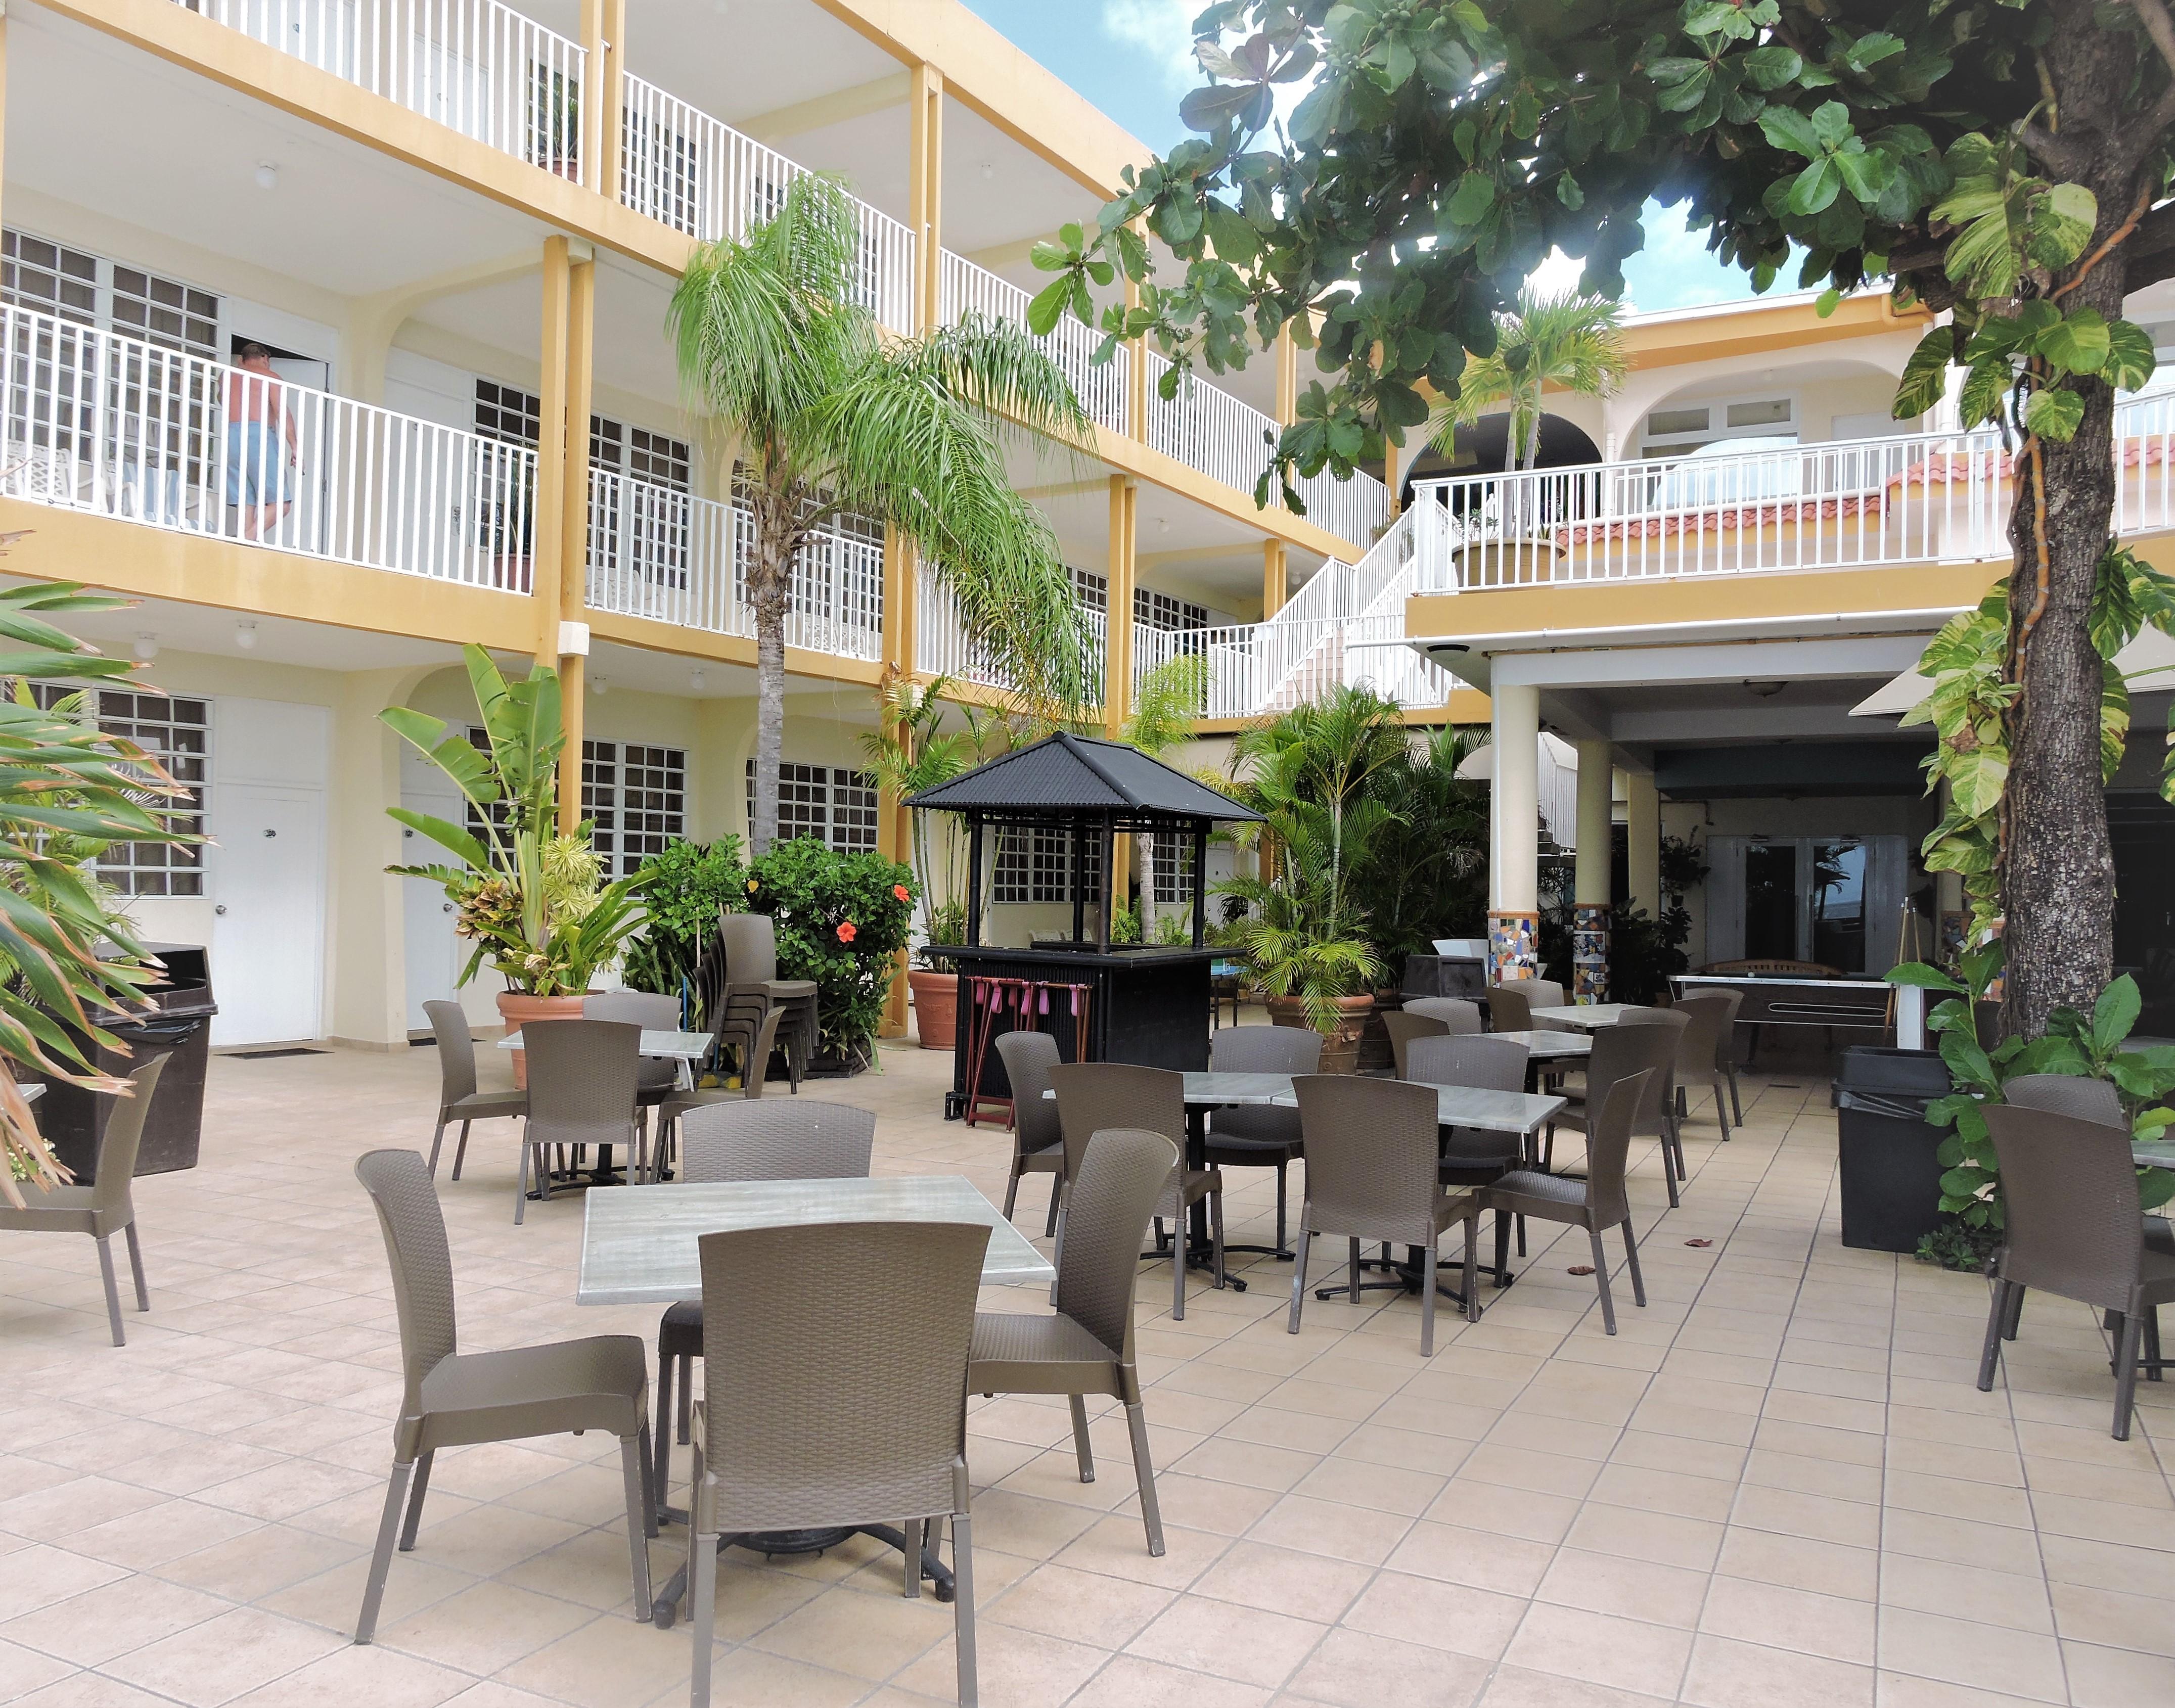 Villa Cofresi Hotel Courtyard Rincon Puerto Rico